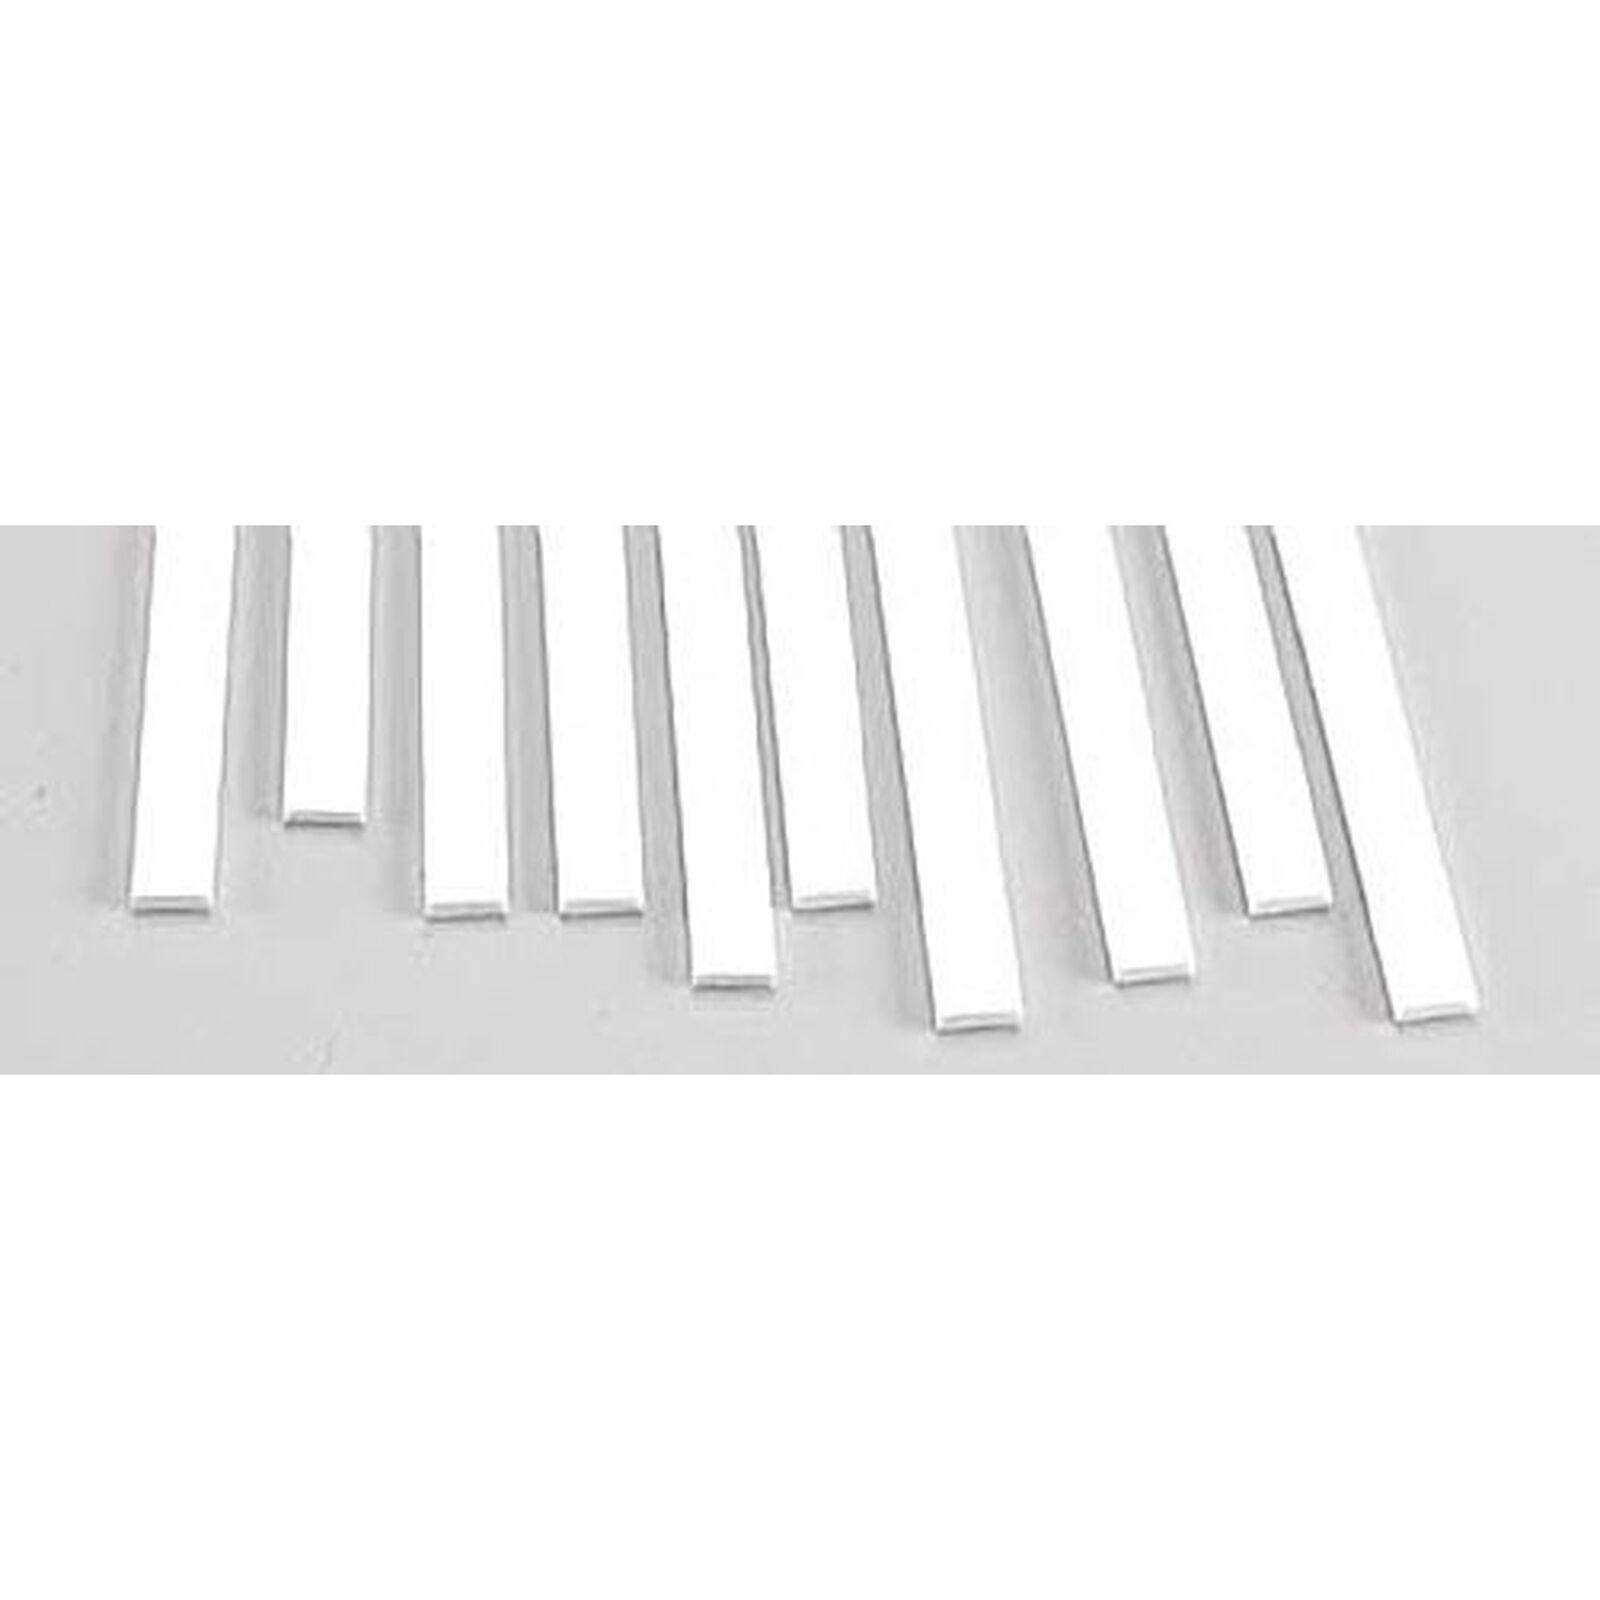 MS-825 Rect Strip,.080x.250 (10)